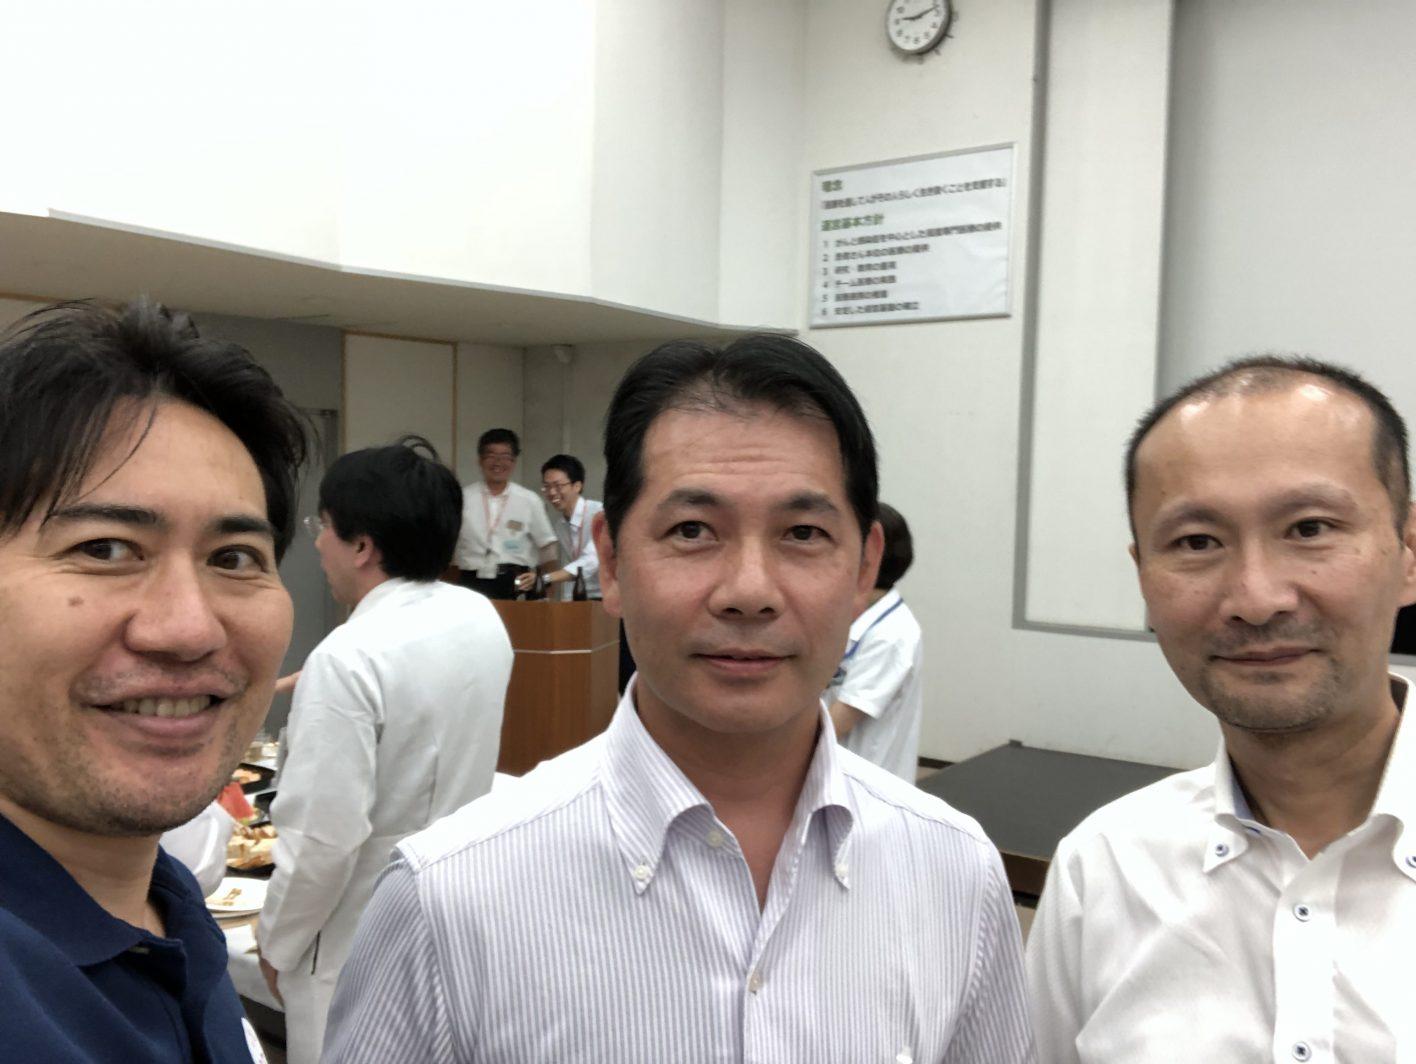 駒込病院の医療連携の会に参加しました。